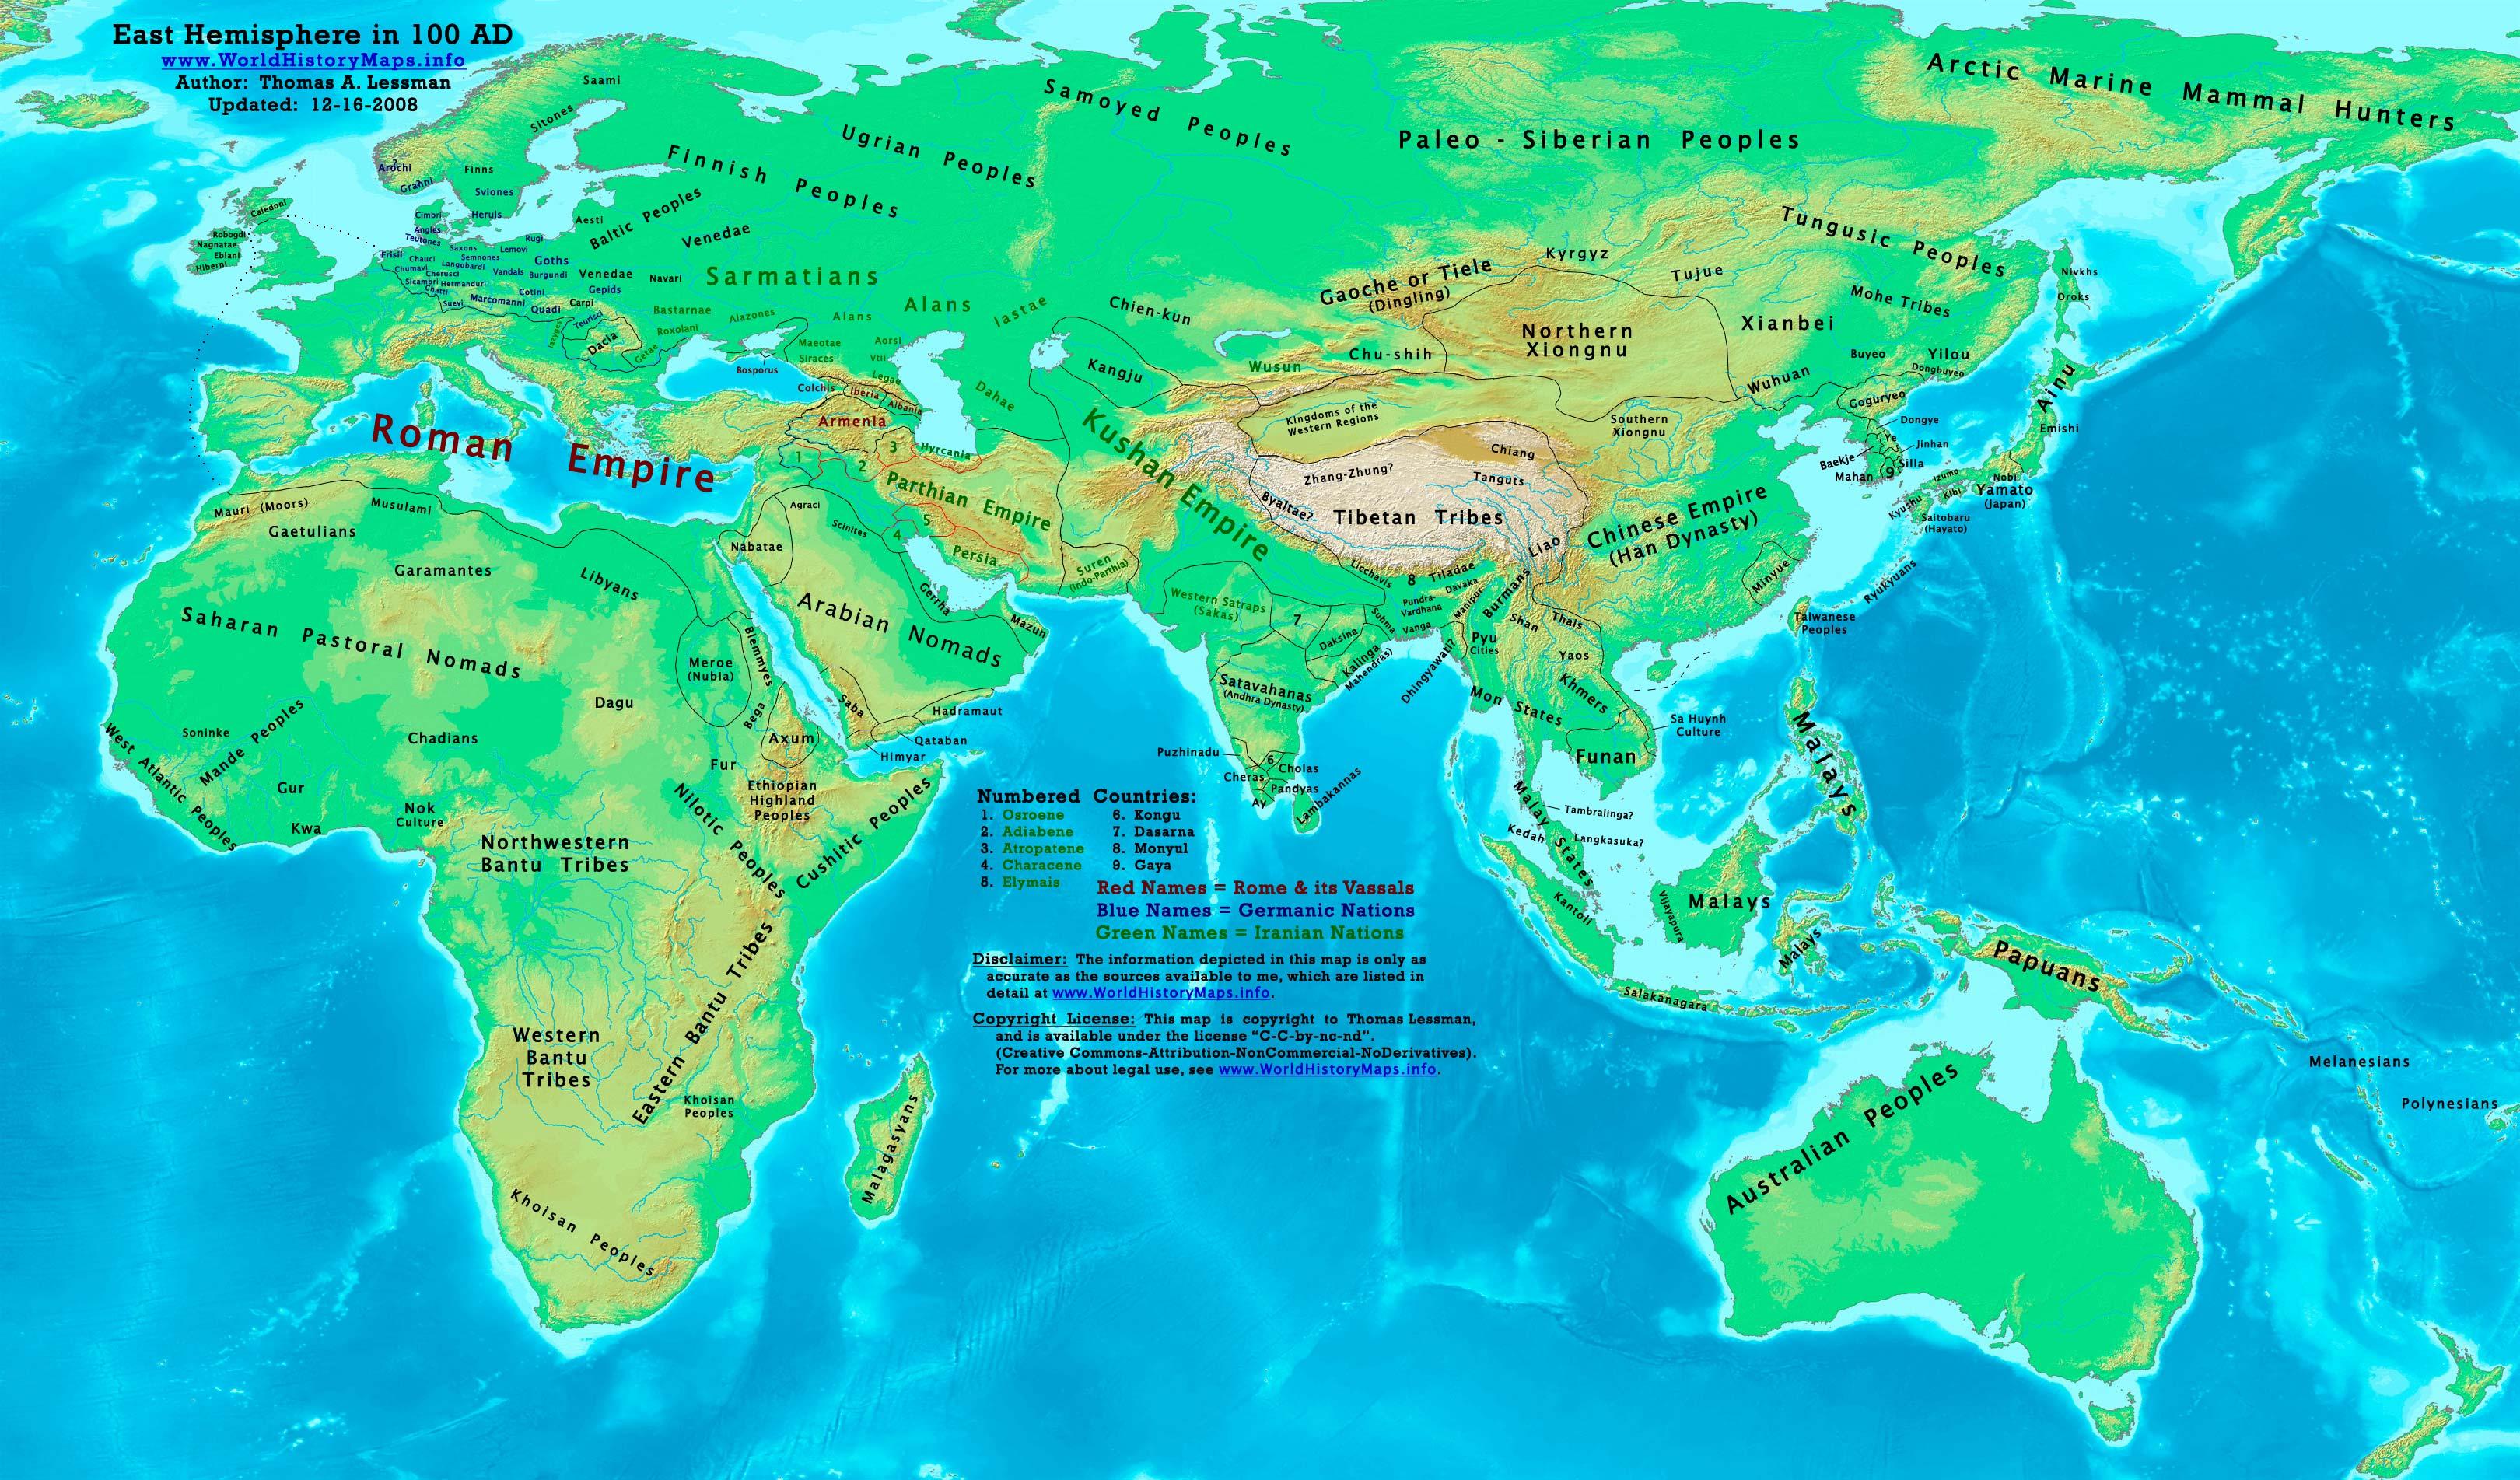 http://worldhistorymaps.info/images/East-Hem_100ad.jpg